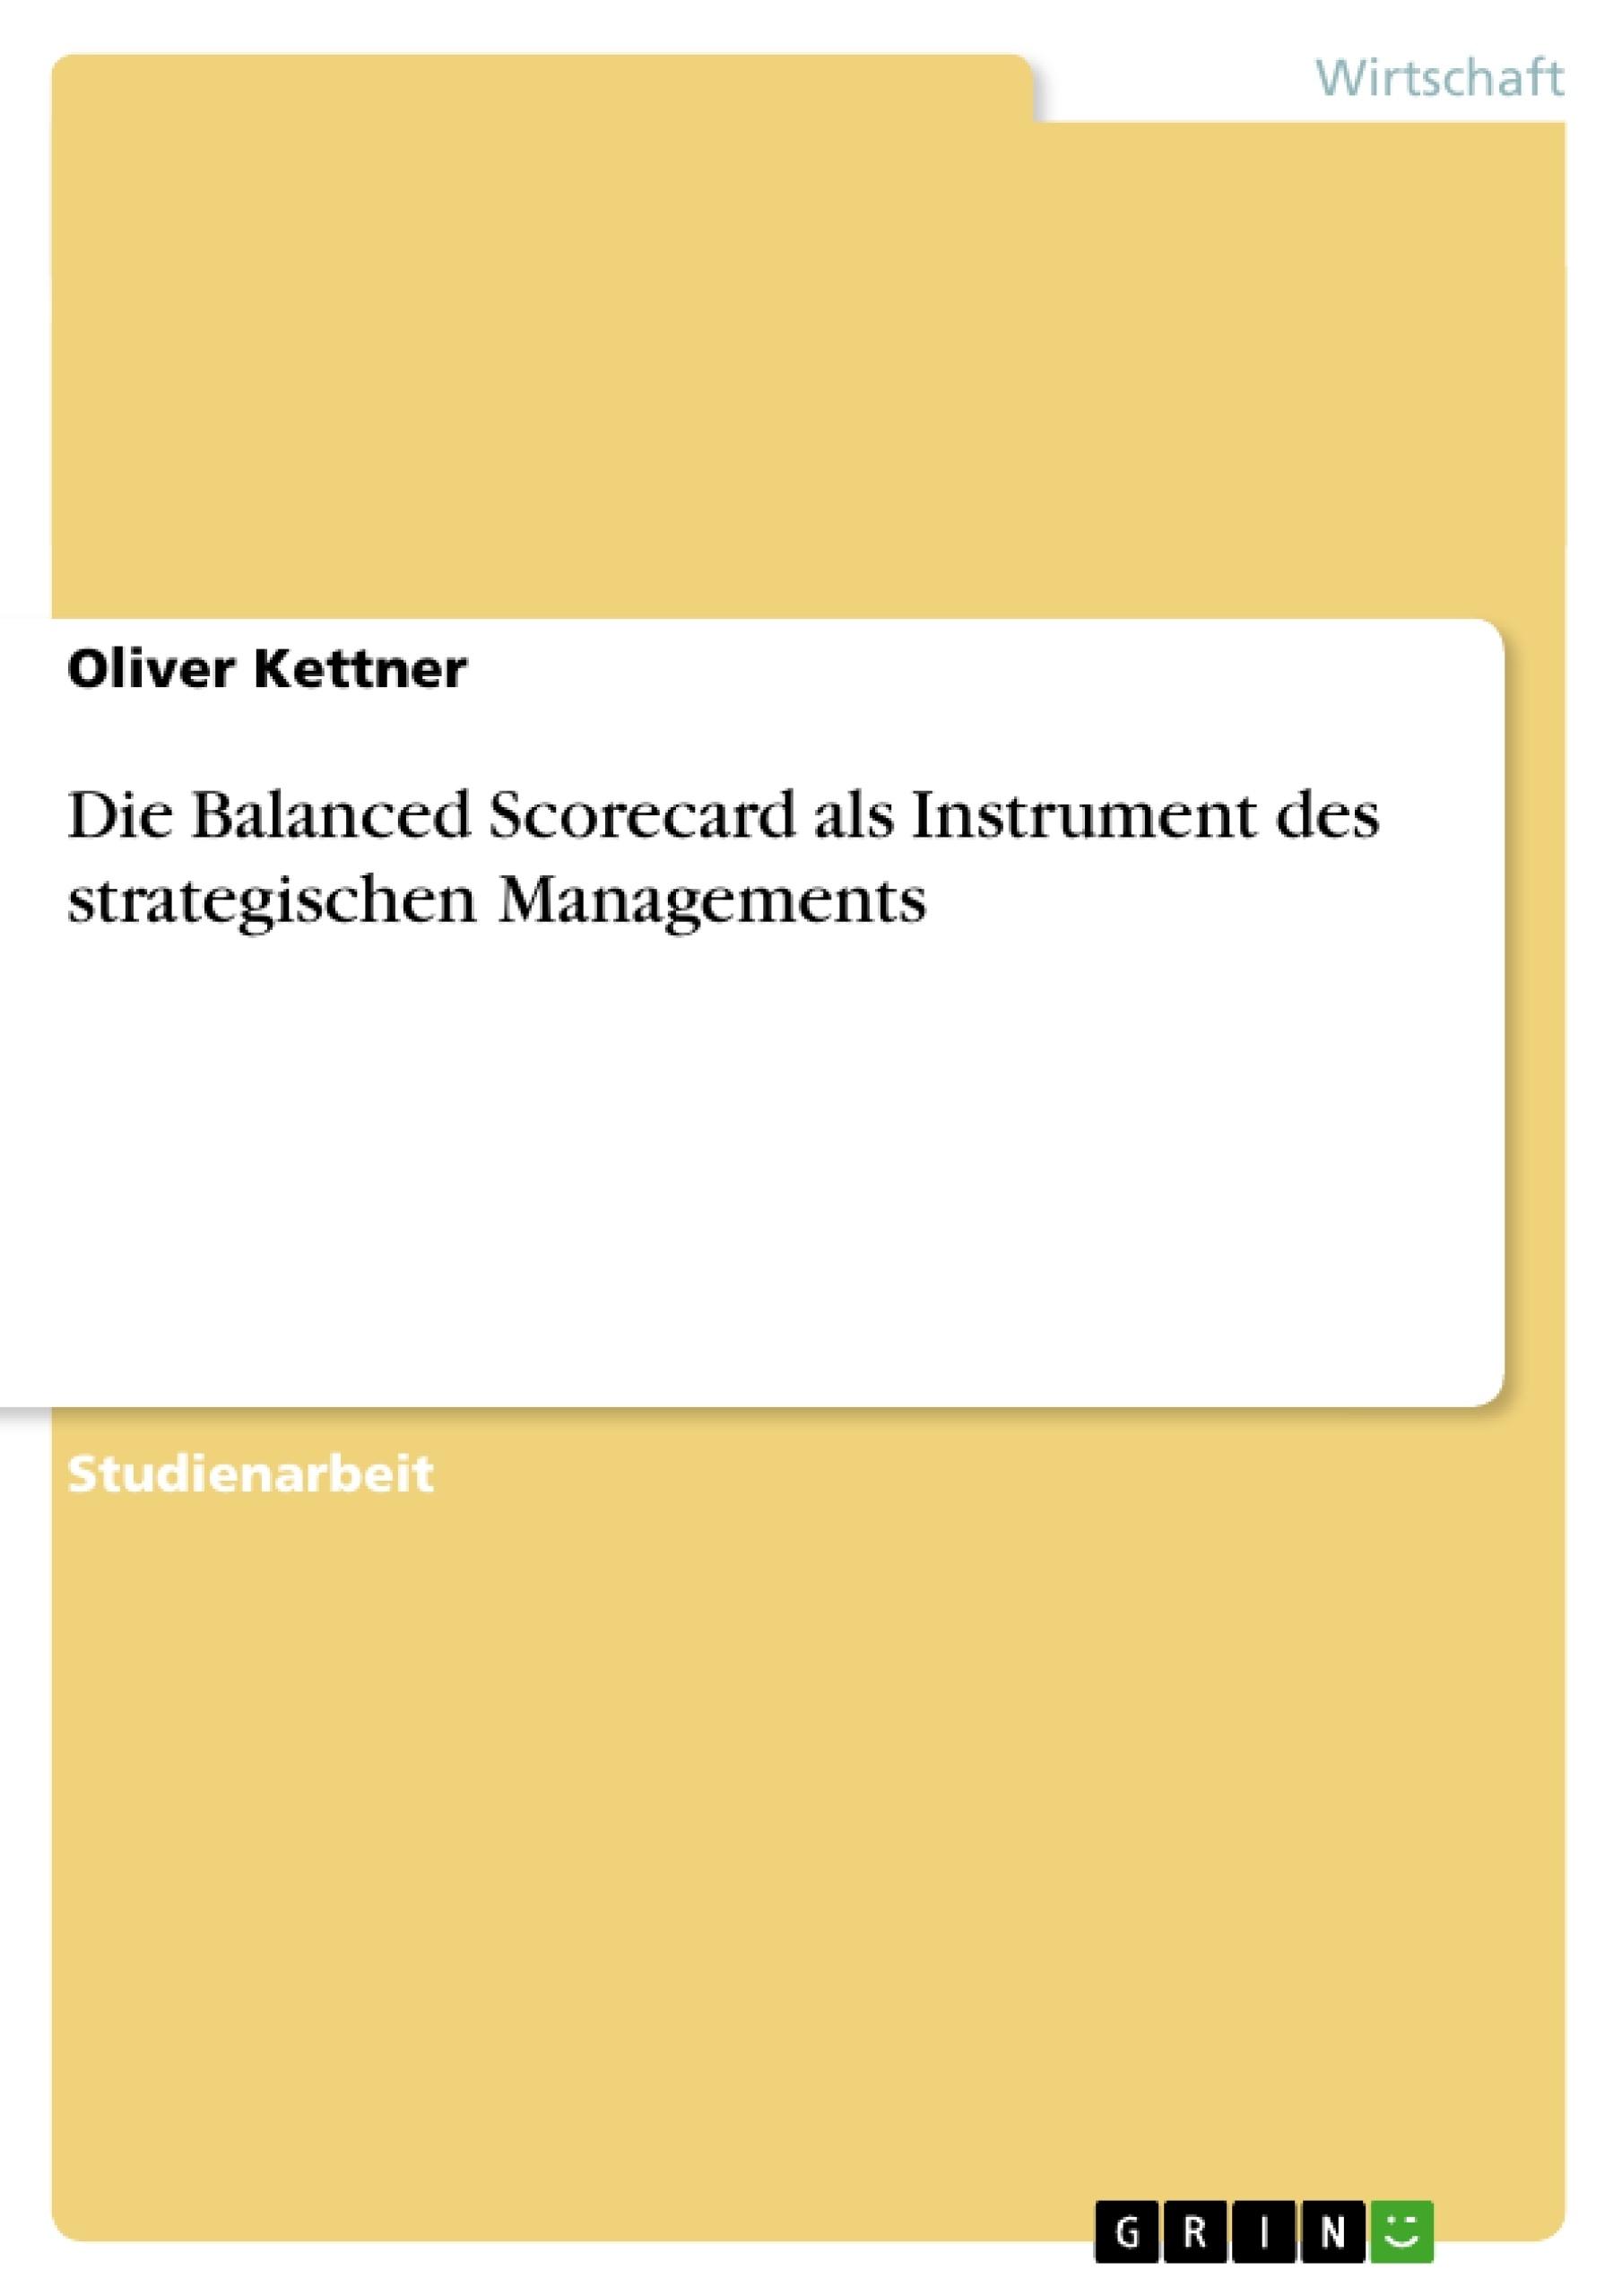 Titel: Die Balanced Scorecard als Instrument des strategischen Managements